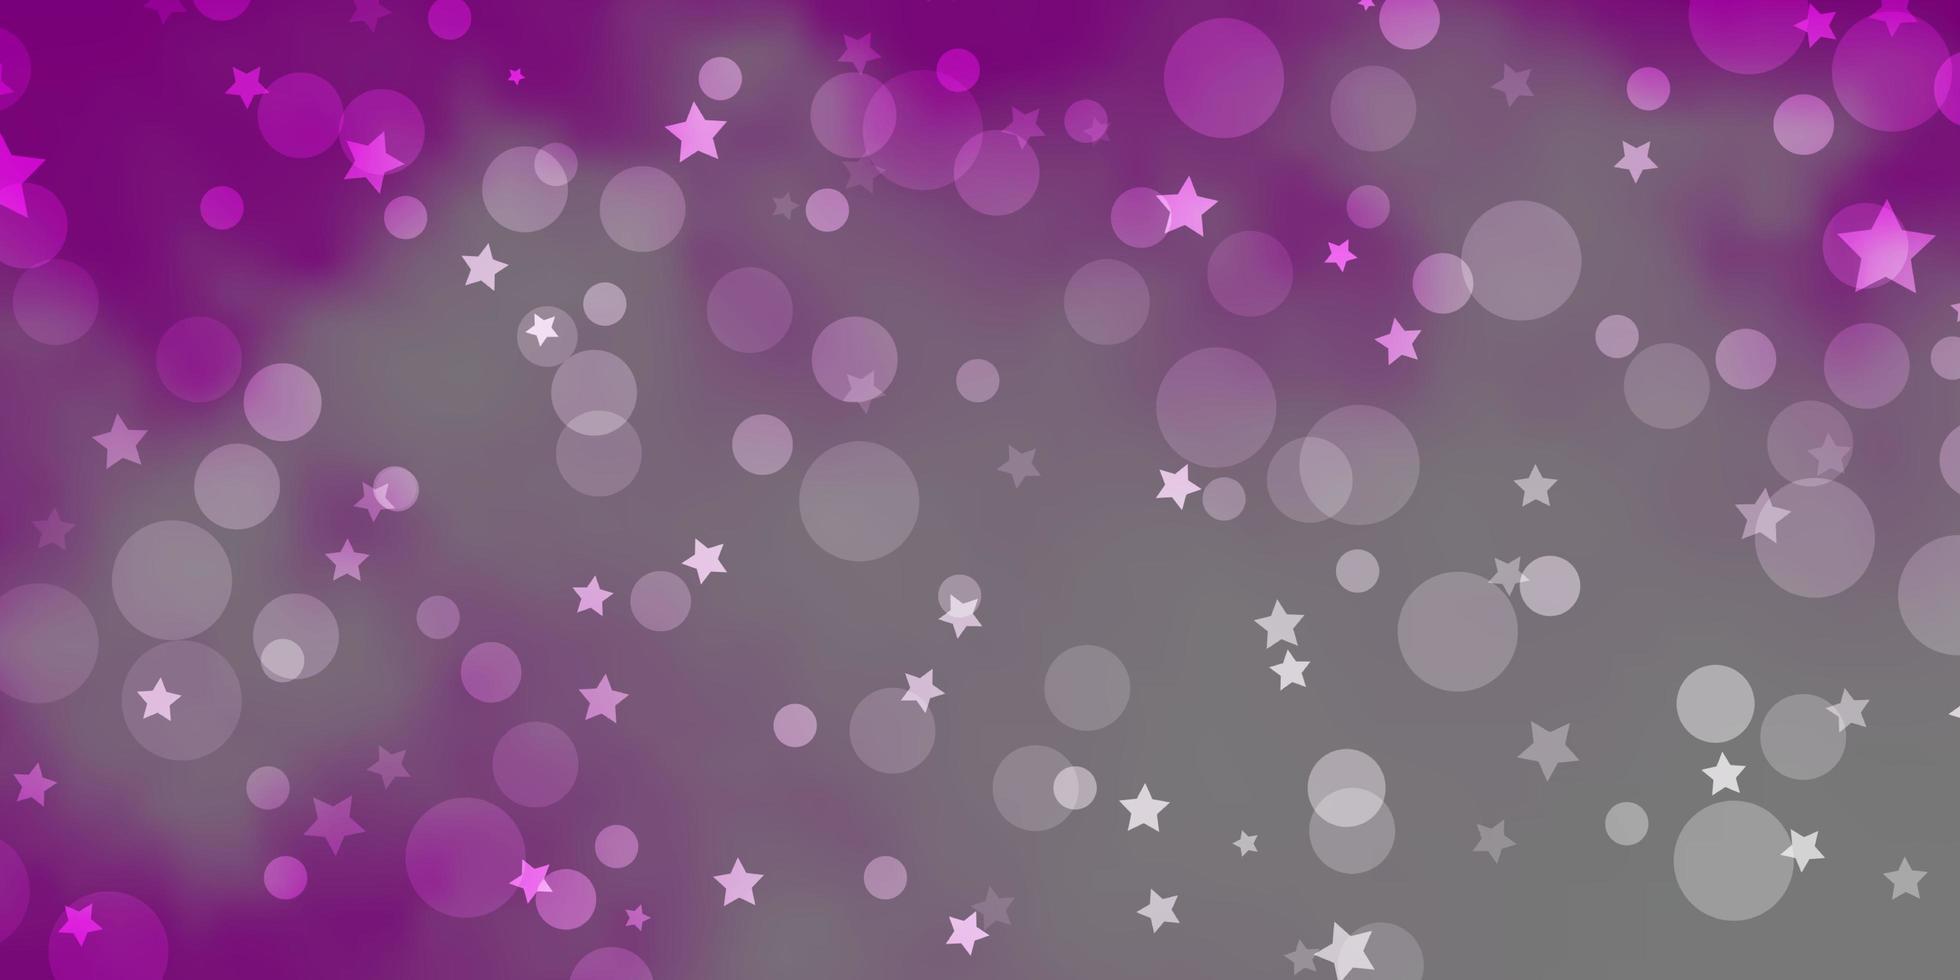 padrão de vetor rosa claro com círculos, estrelas.